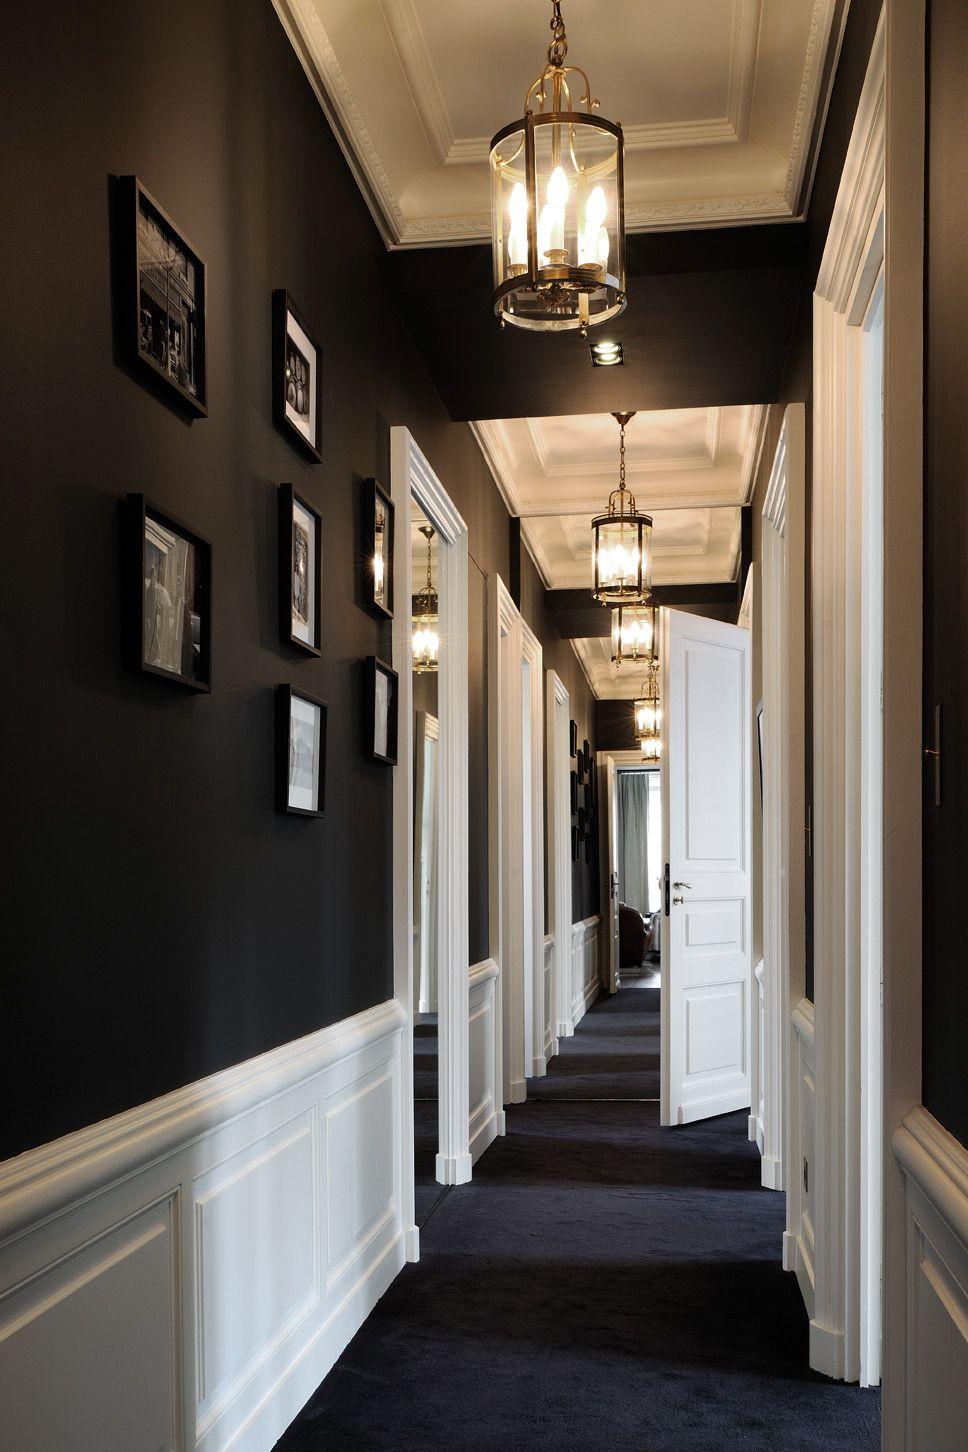 Renovation Interieur Architecte Contemporain Chic Lyon Couloir Moquette Noir Et Blanc Classic Tableau Decorer Un Couloir Moquette Noir Appartement